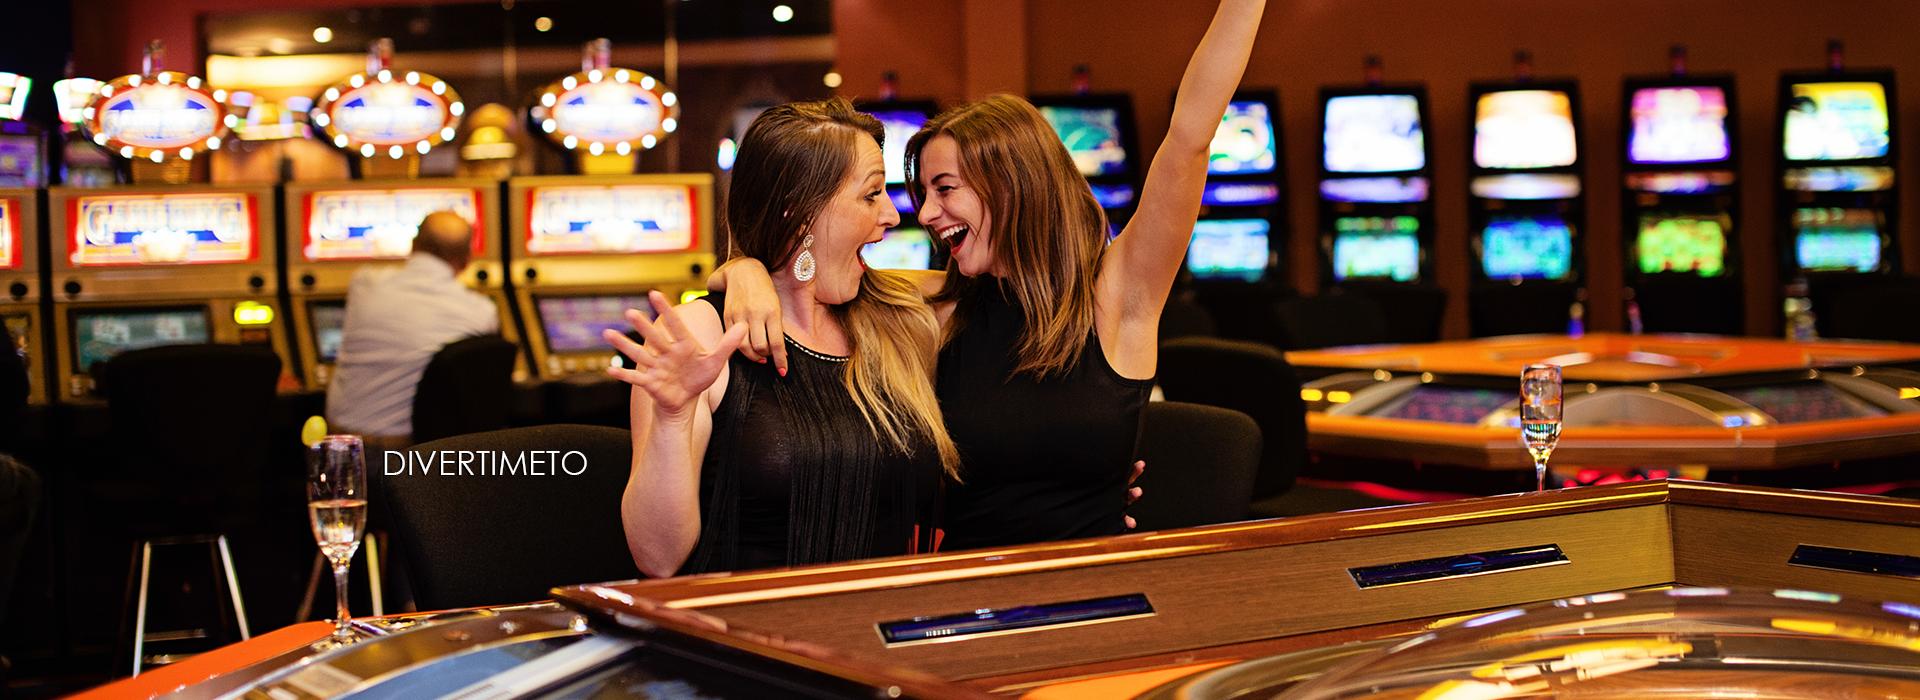 Casino portreti-ITA